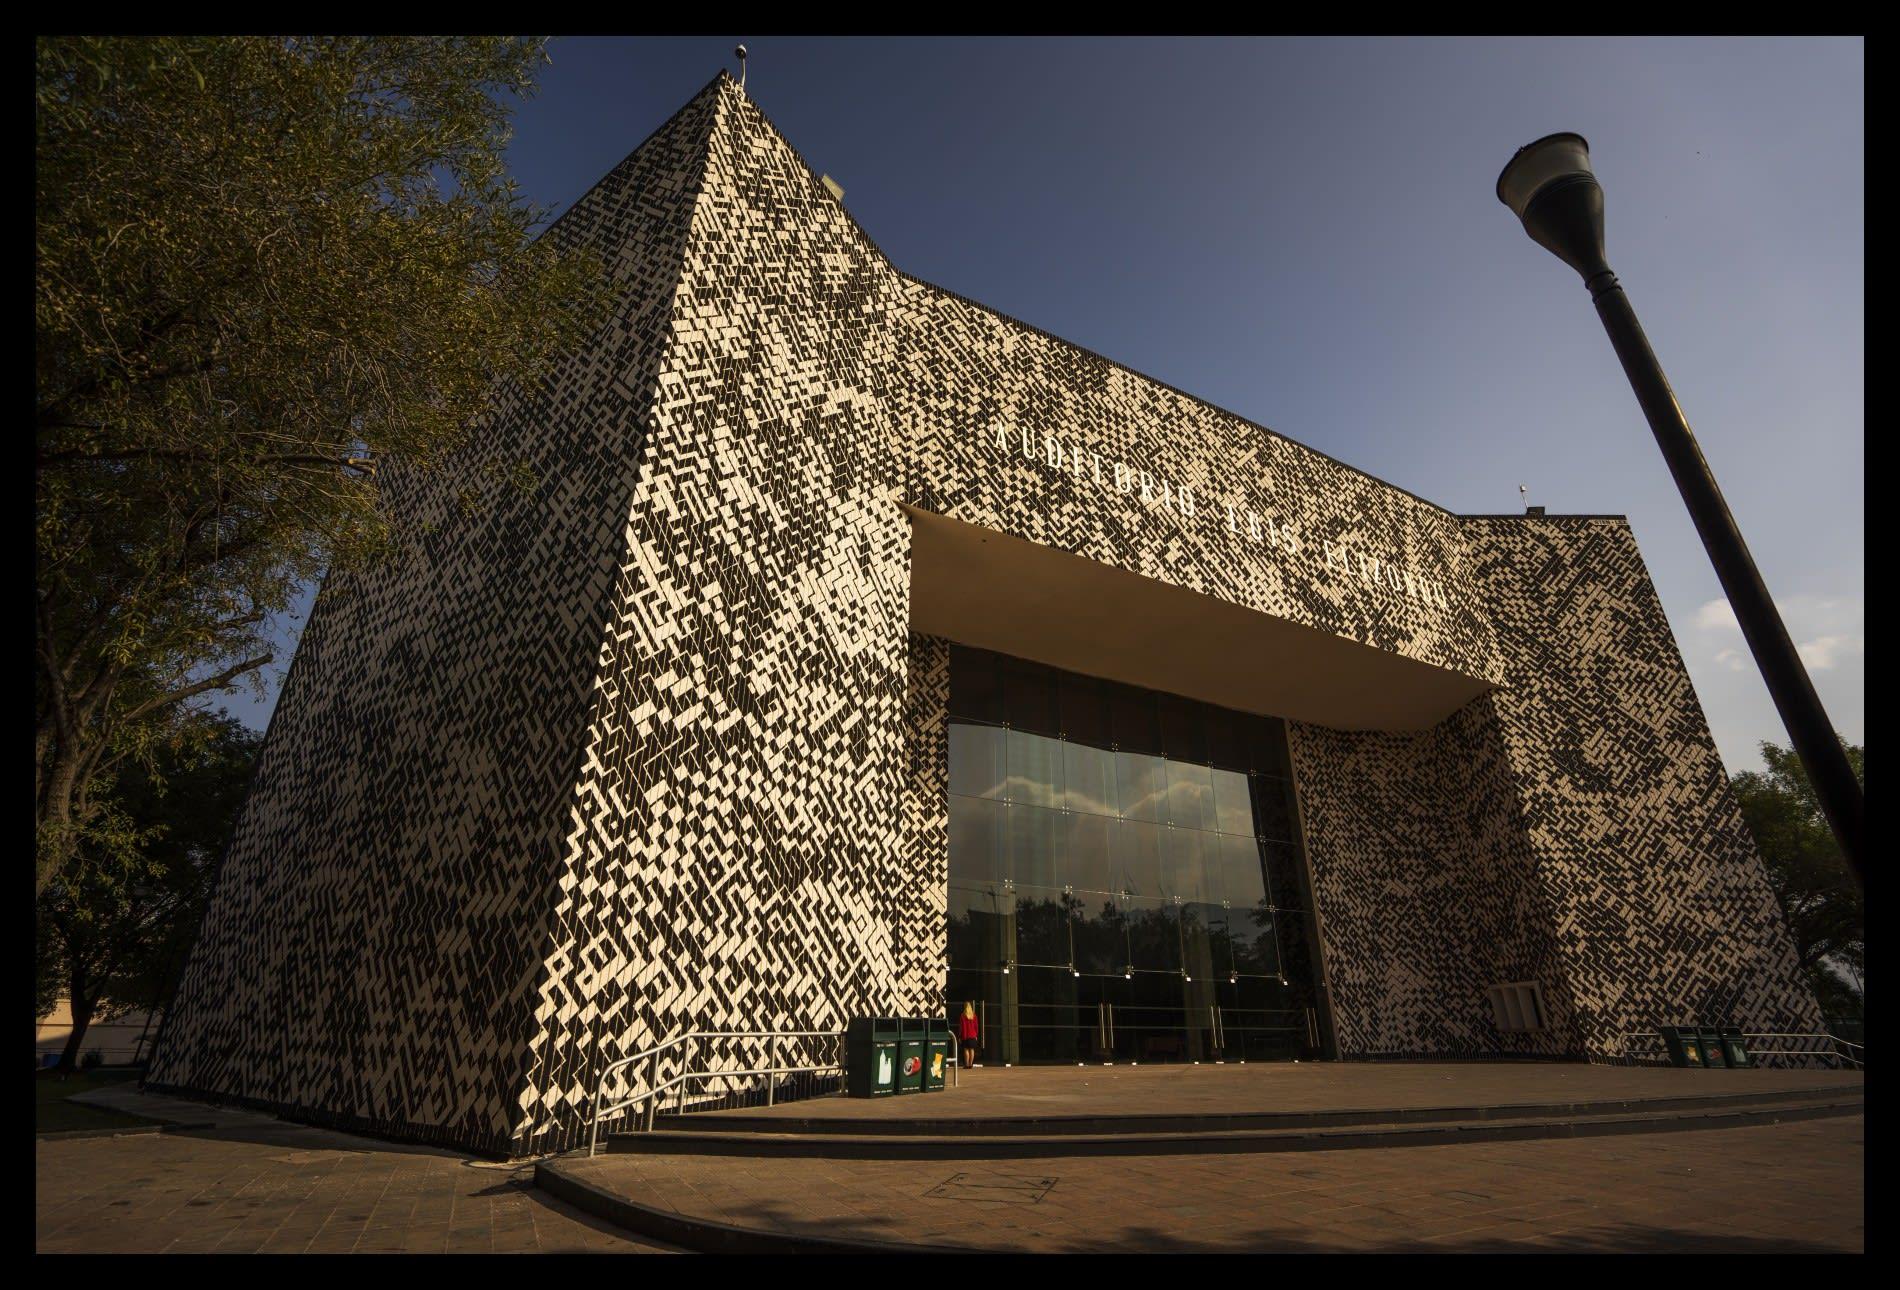 Œuvre Par StenLex à Monterrey